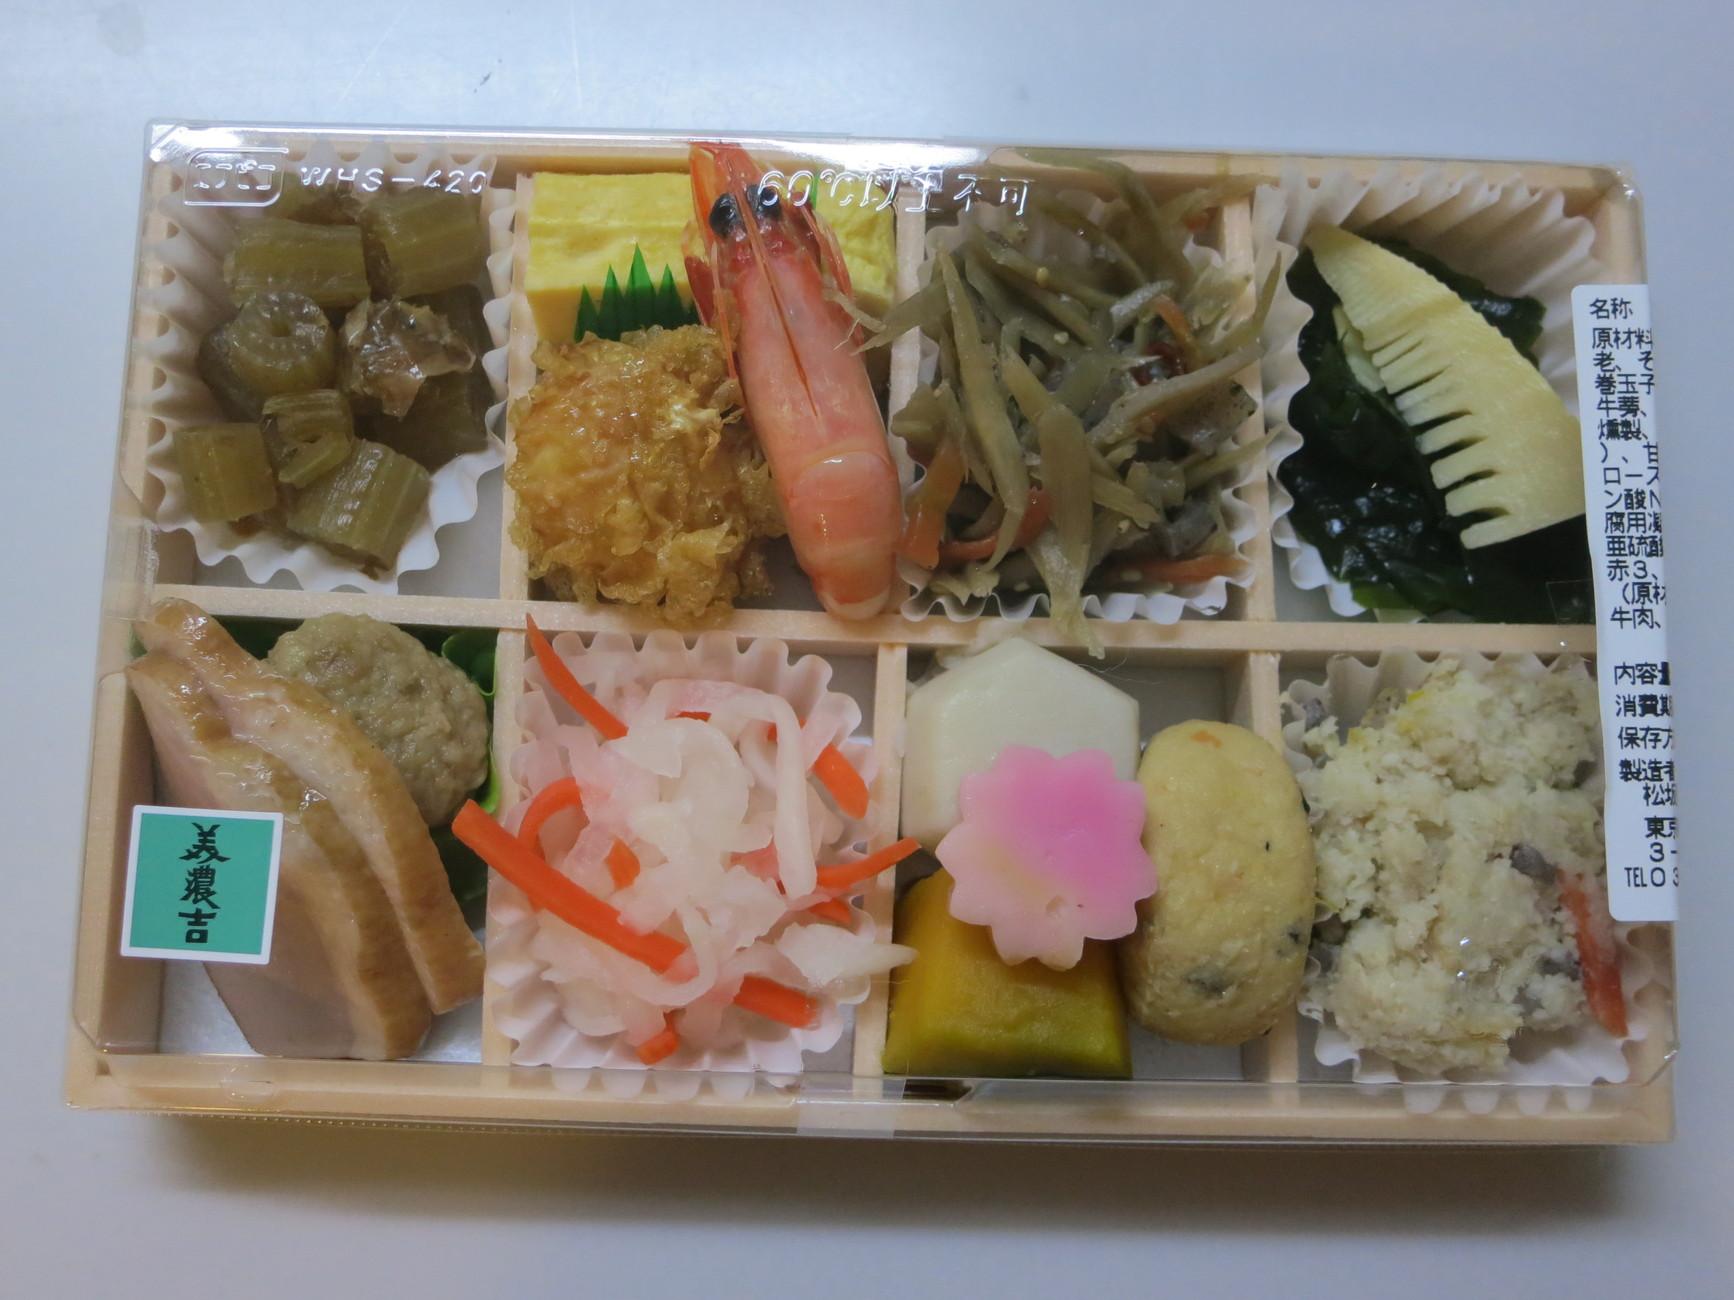 美濃吉 上野松坂屋店